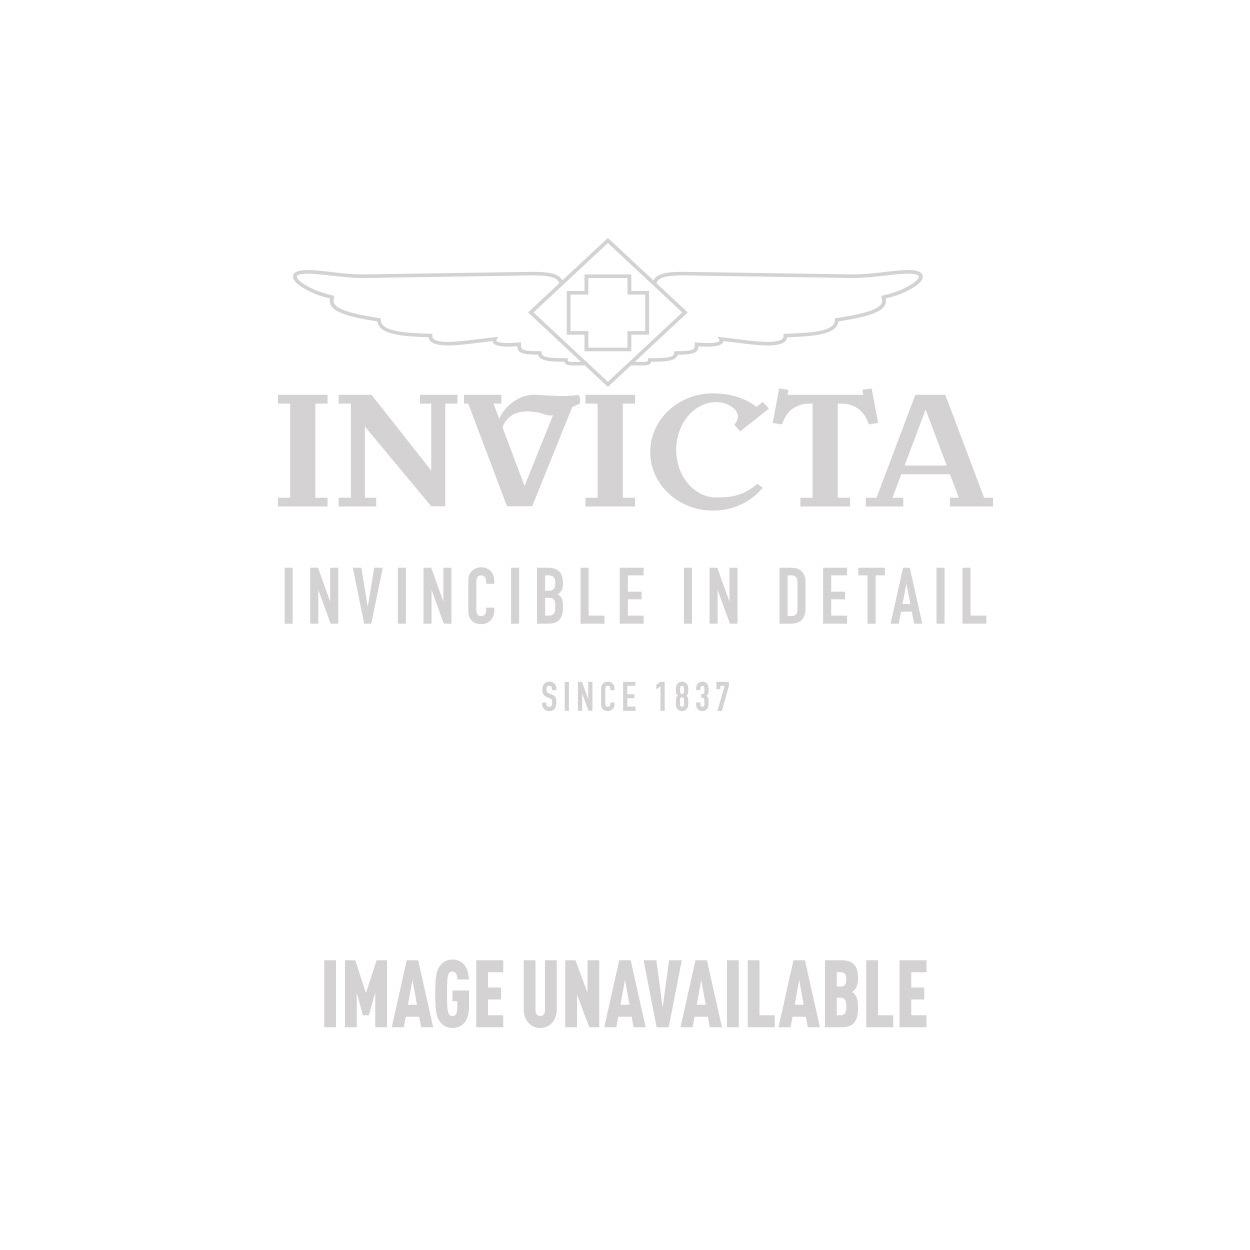 Invicta Model 27754